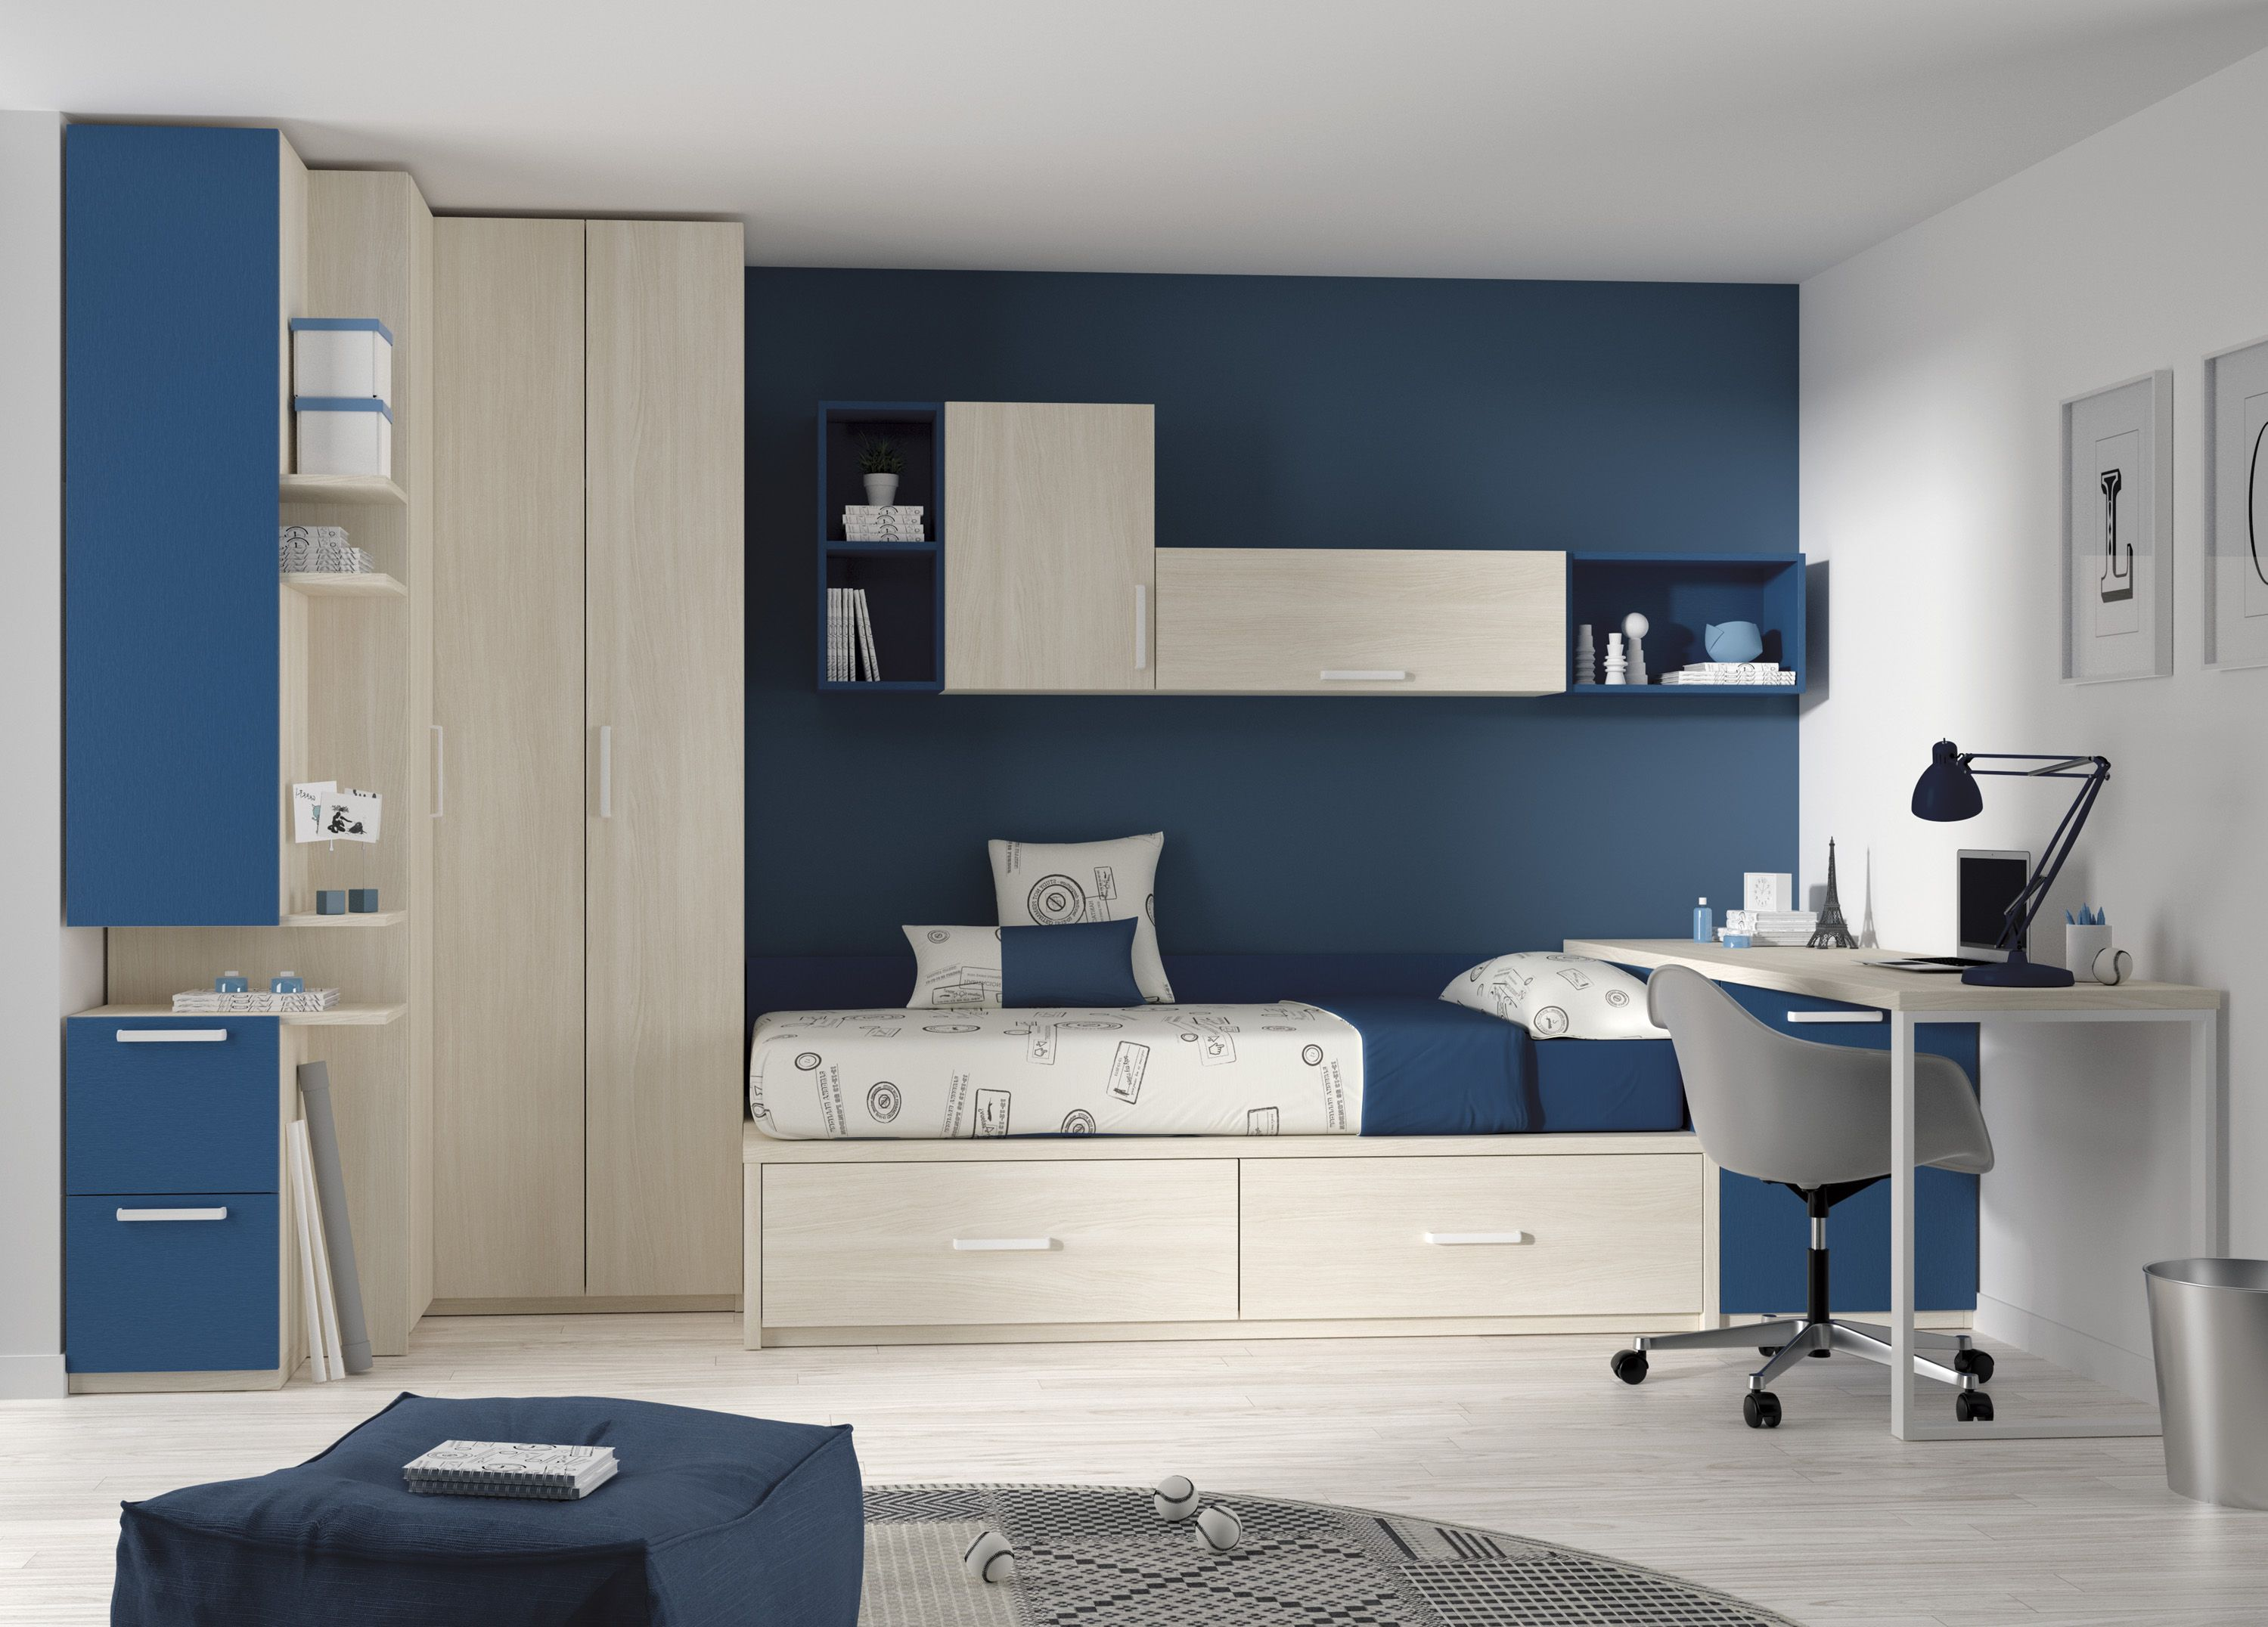 Estupendas y originales ideas para amueblar un dormitorio - Habitaciones juveniles originales ...